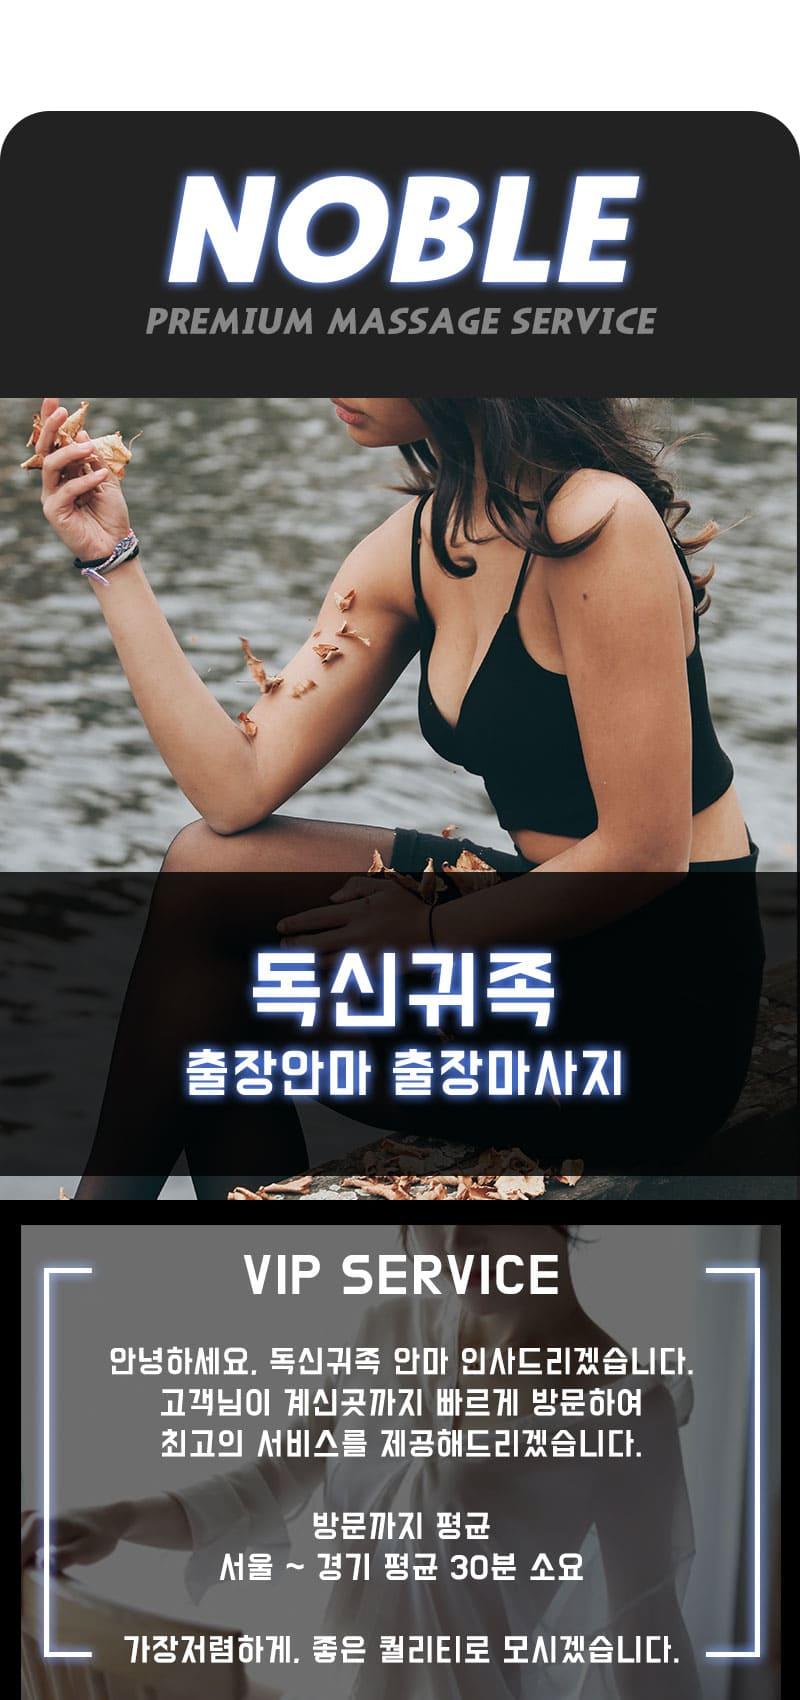 분당출장안마 소개